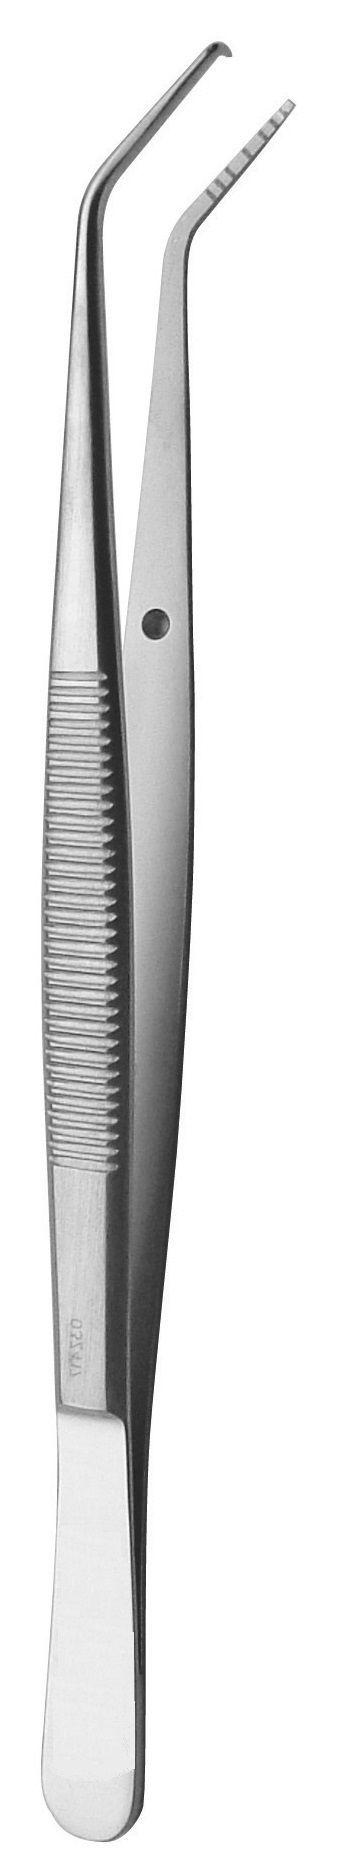 Pinça Periodontal Crane - Caplan Direita - 1021/2 - Medesy